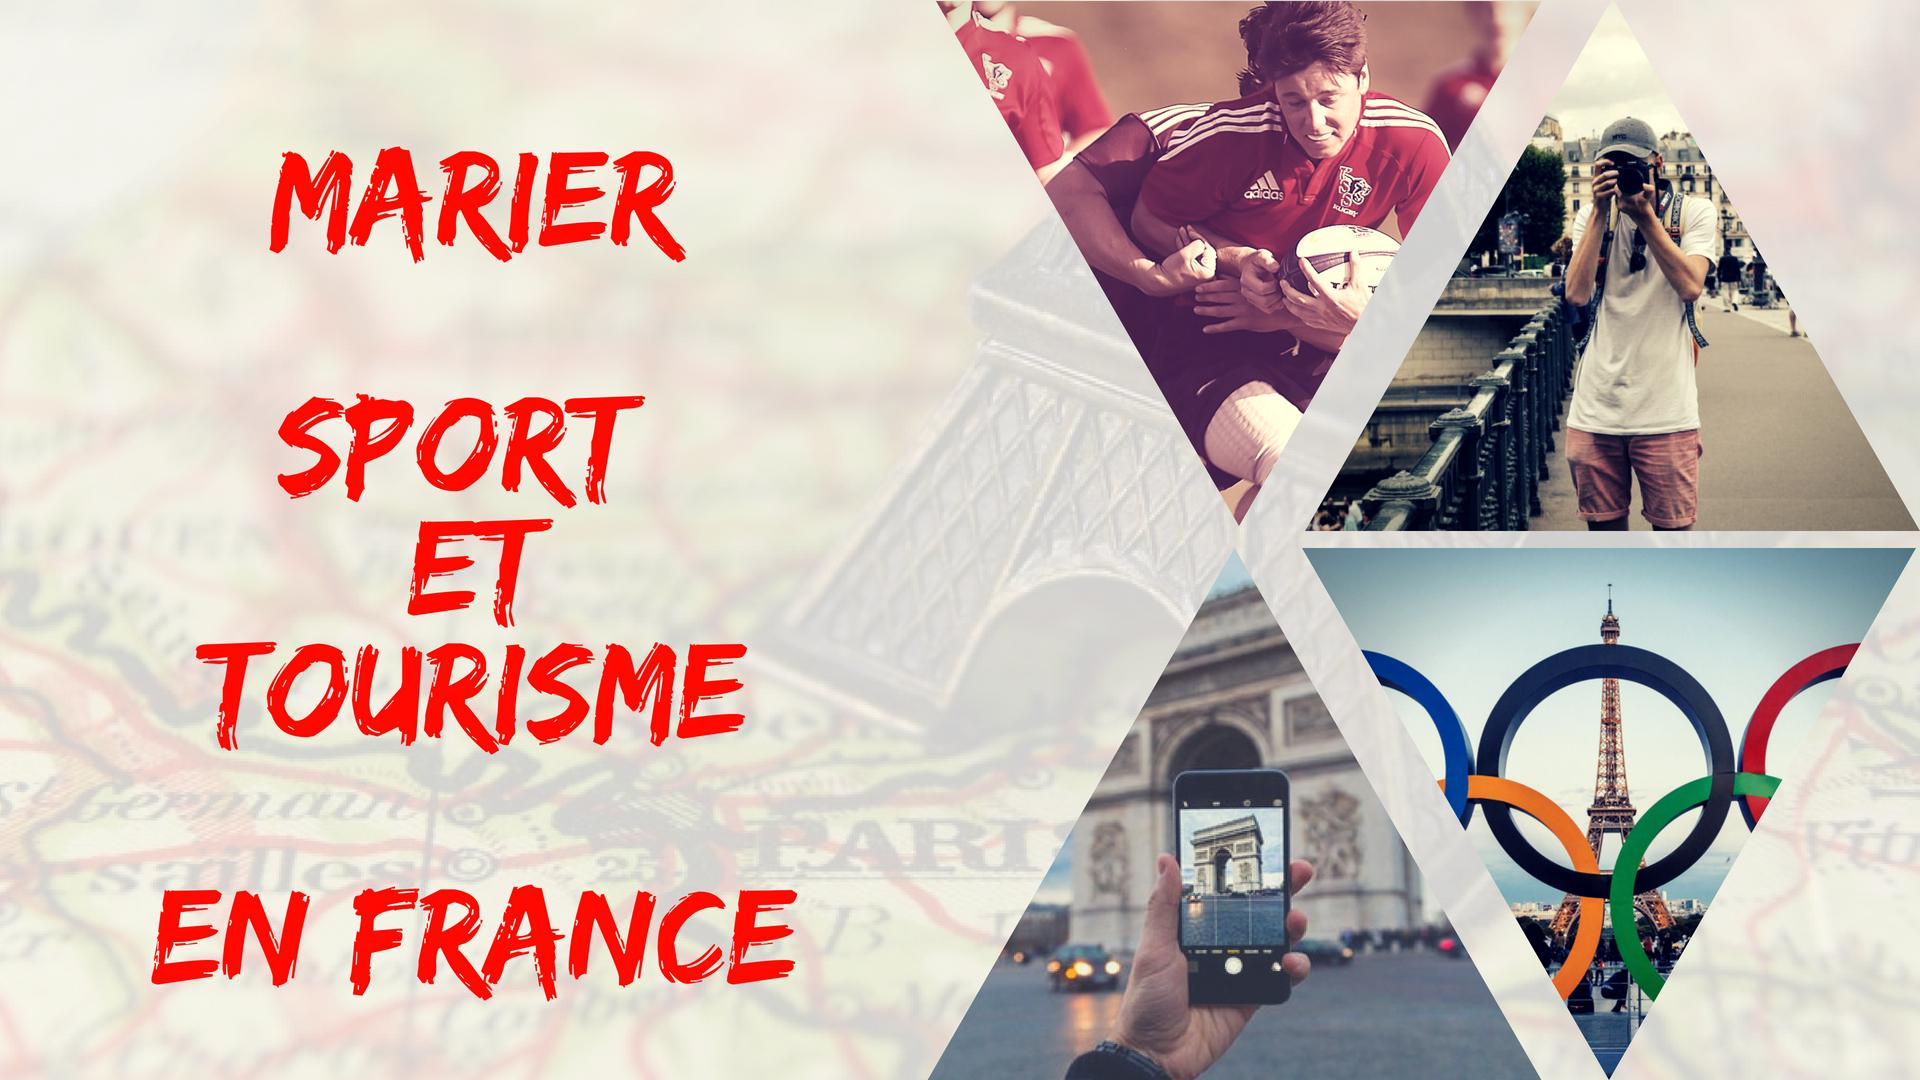 Marier Sport et tourisme en France